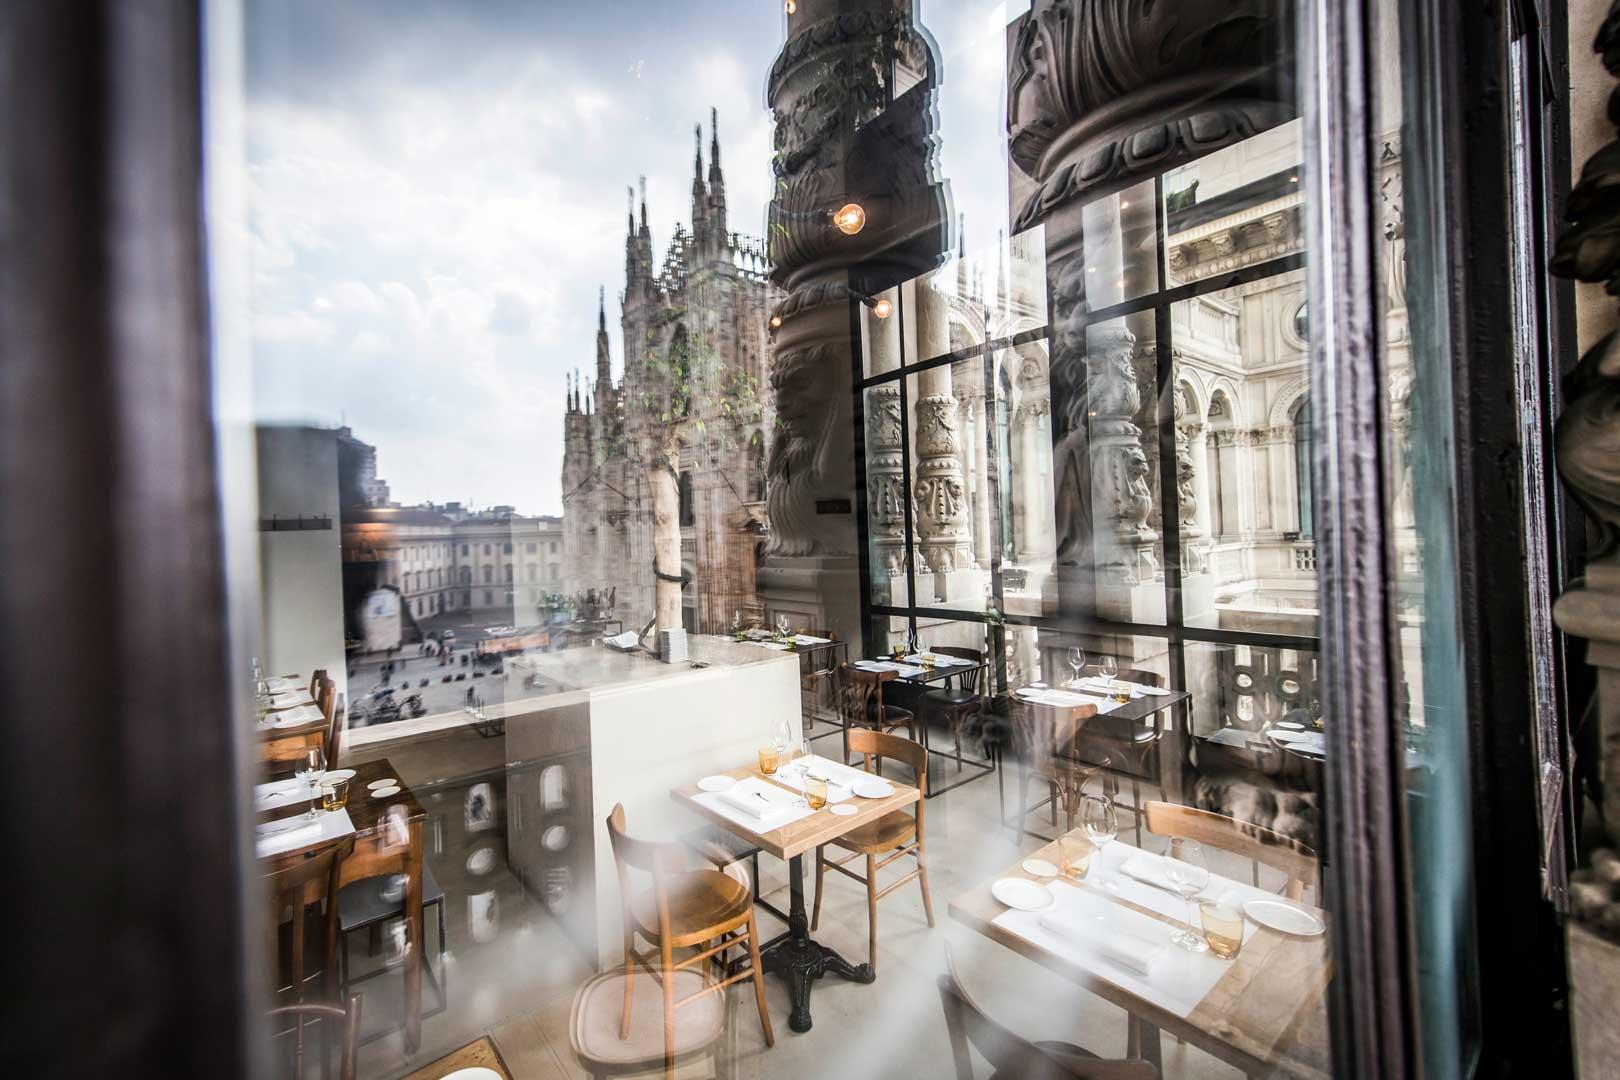 10 Ristoranti Da Provare In Zona Duomo Flawless Milano